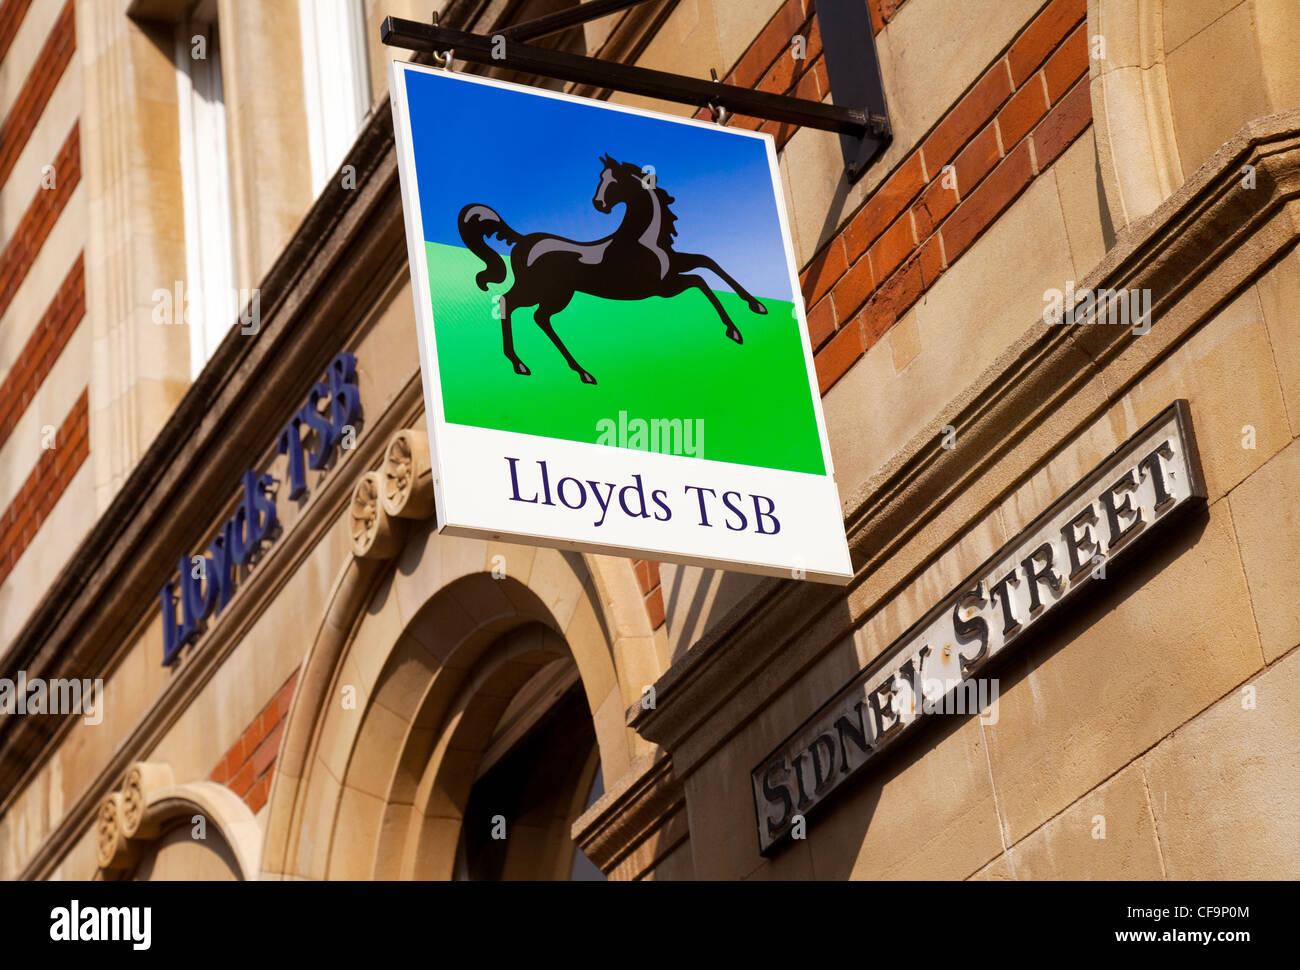 Lloyds TSB bank sign, Cambridge UK - Stock Image